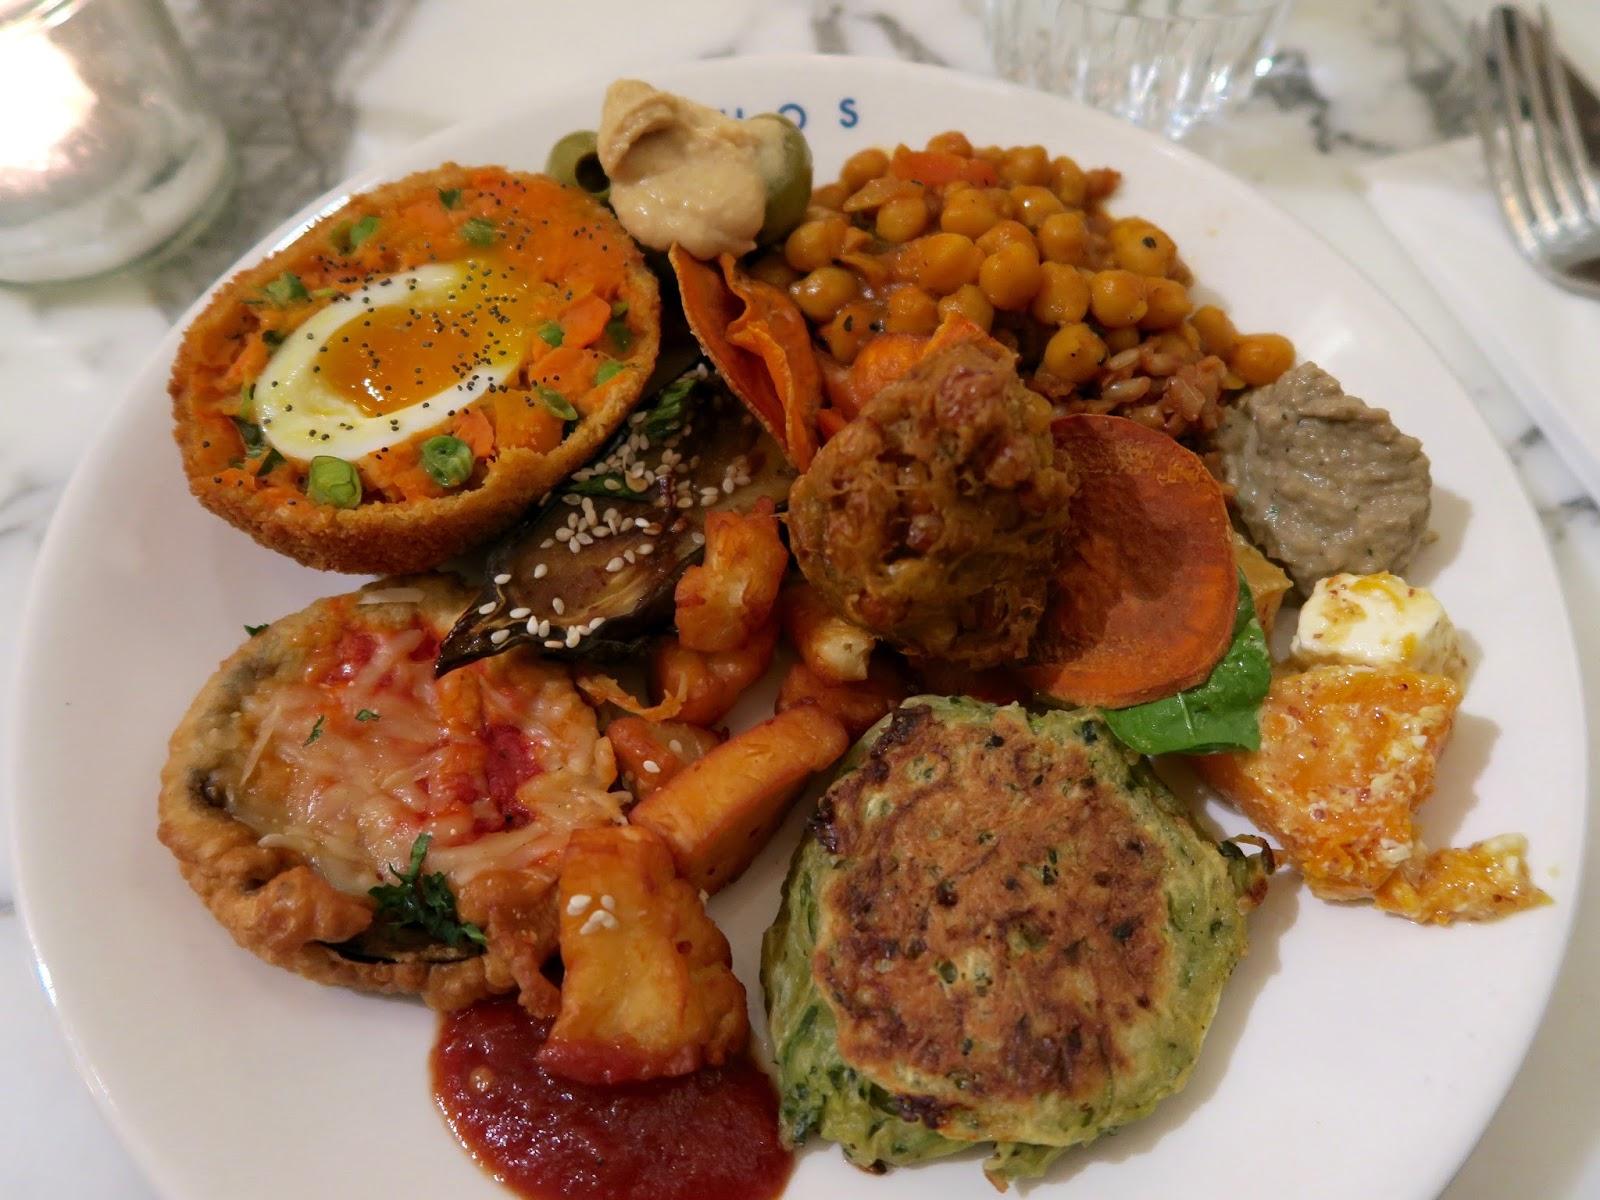 Niedlich Ethos Vegan Küche Fotos - Küche Set Ideen - deriherusweets.info